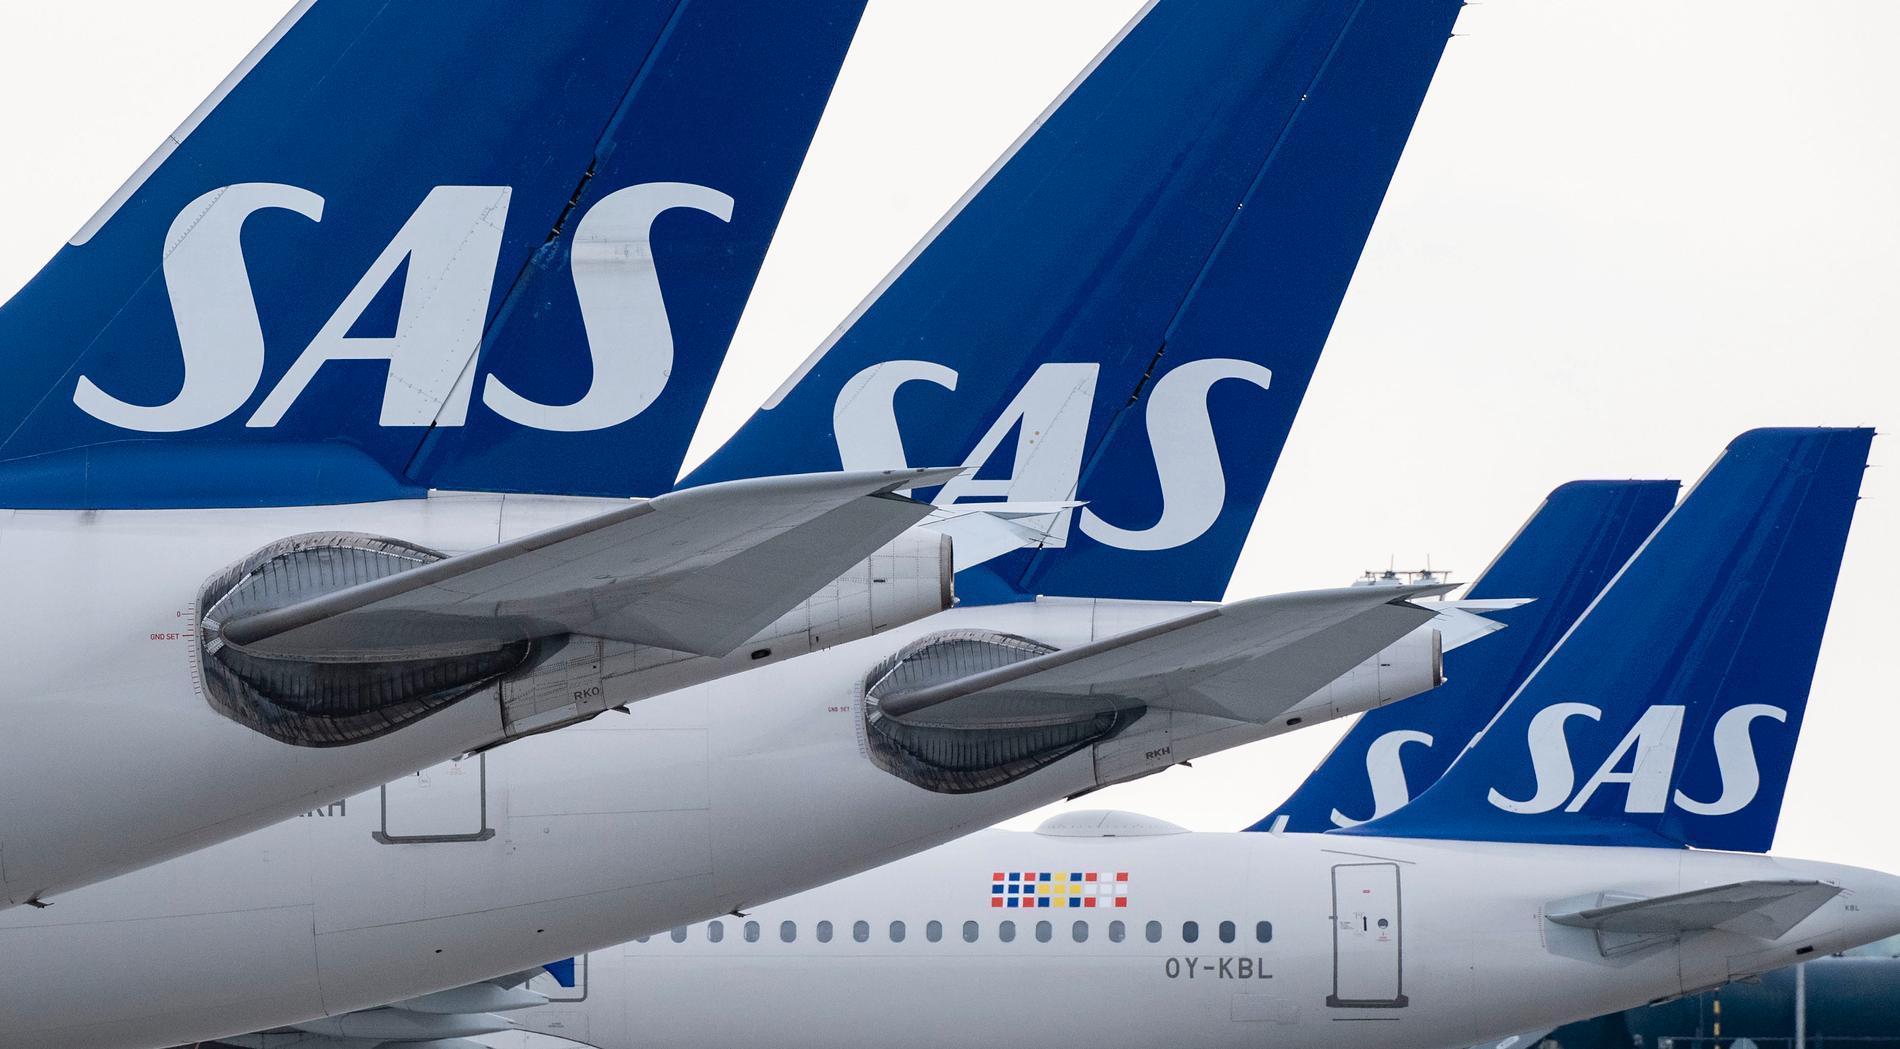 SAS ska genomföra flera förändringar för miljön de kommande månaderna, att sluta med taxfreeförsäljning är en sådan.